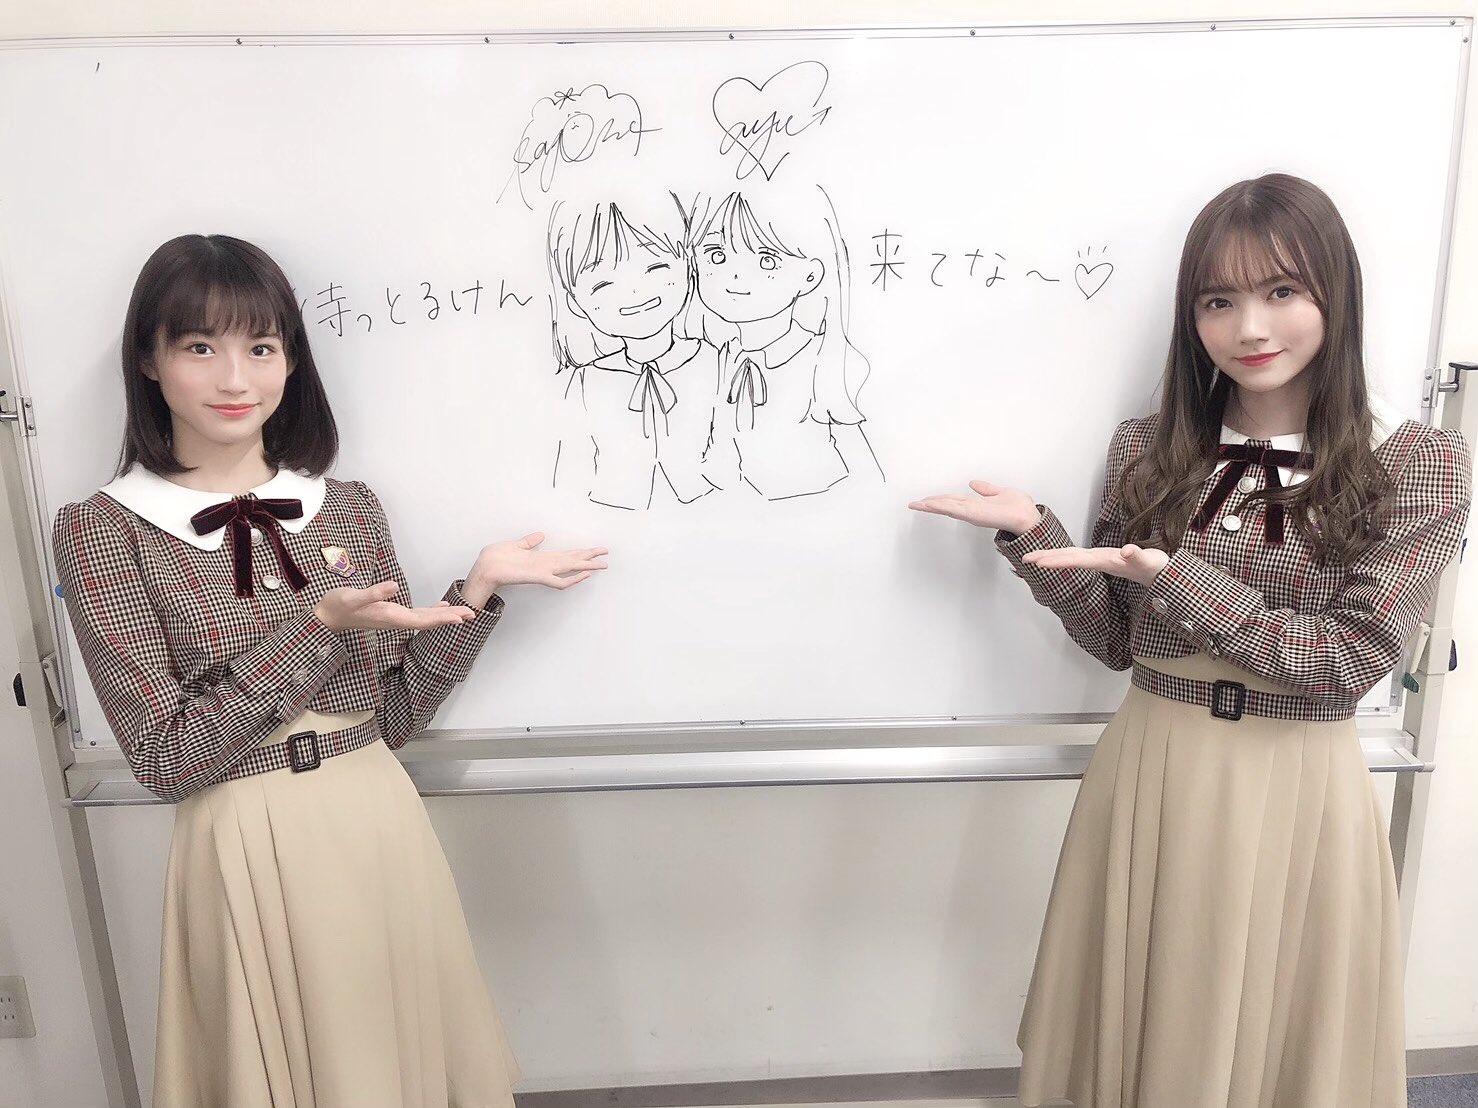 乃木坂46 4期生ミニトーク&握手会 掛橋沙耶香 田村真佑